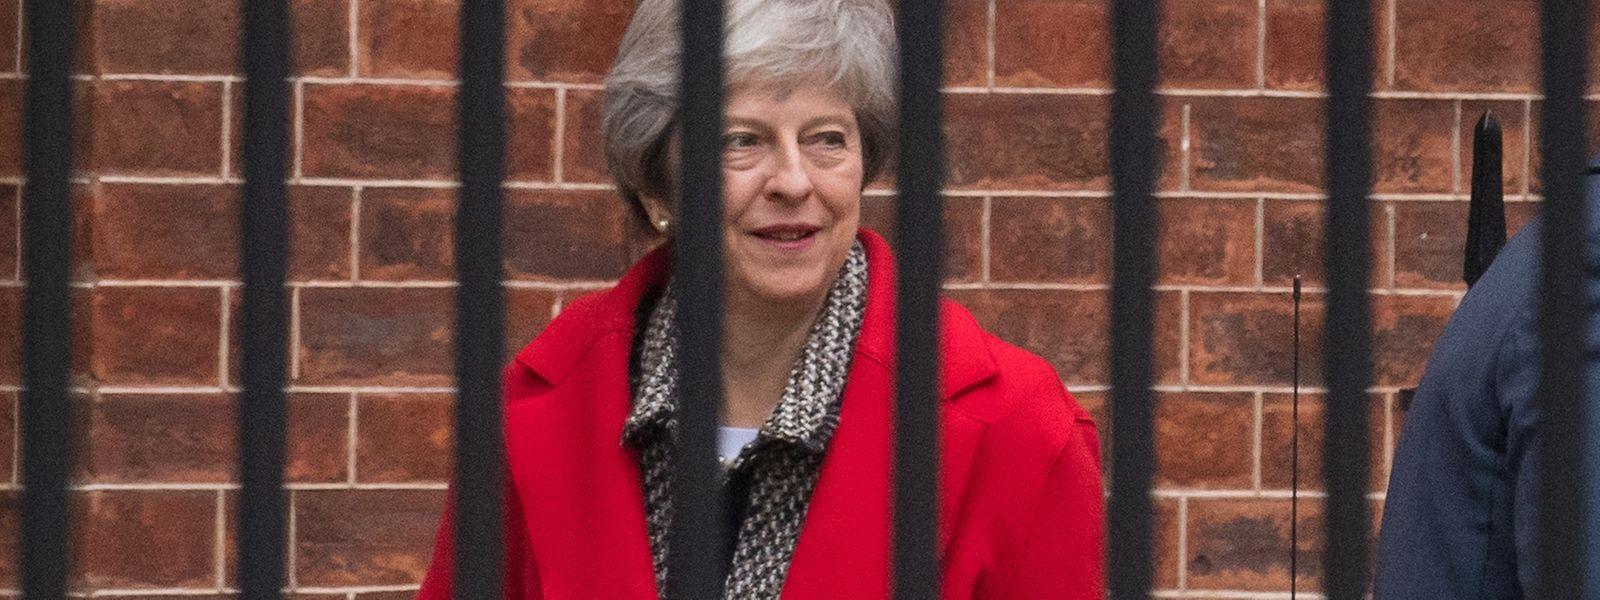 """May hatte am Sonntag vor einem """"Putsch"""" gewarnt. Ein Führungswechsel würde die Verhandlungen mit Brüssel nicht einfacher machen und auch die Mehrheitsverhältnisse im britischen Parlament nicht verändern."""